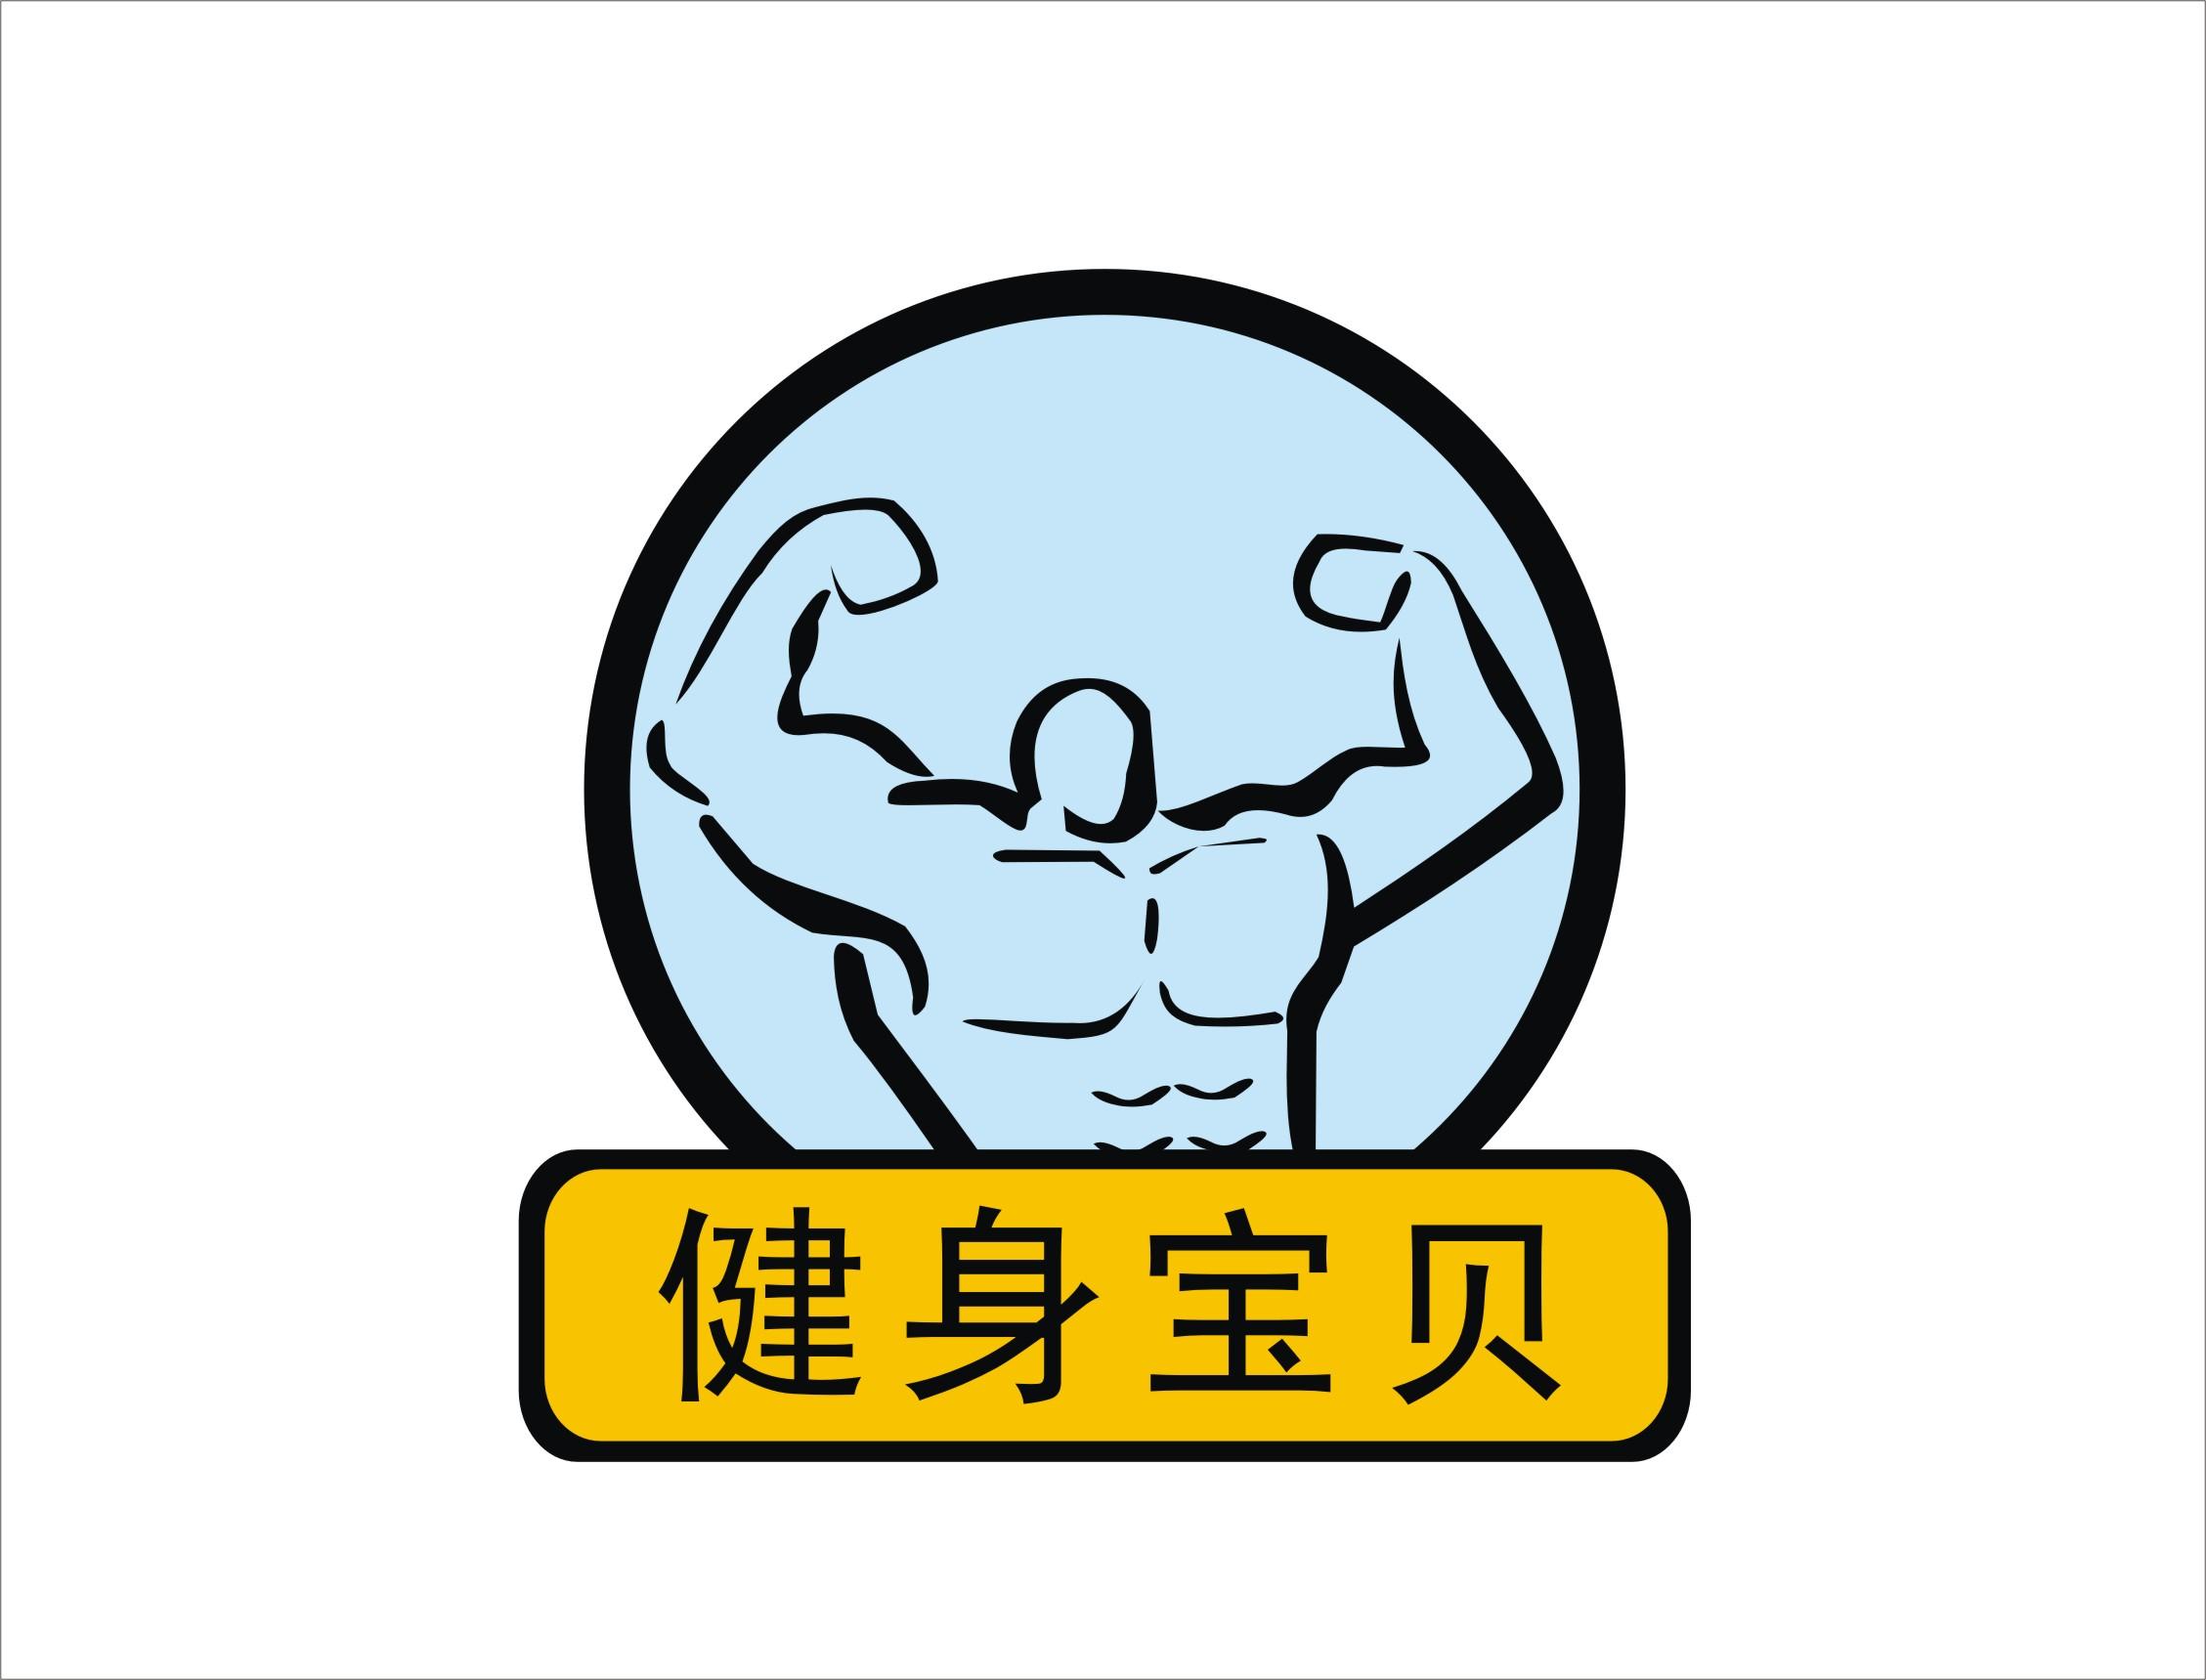 健身宝贝logo图片